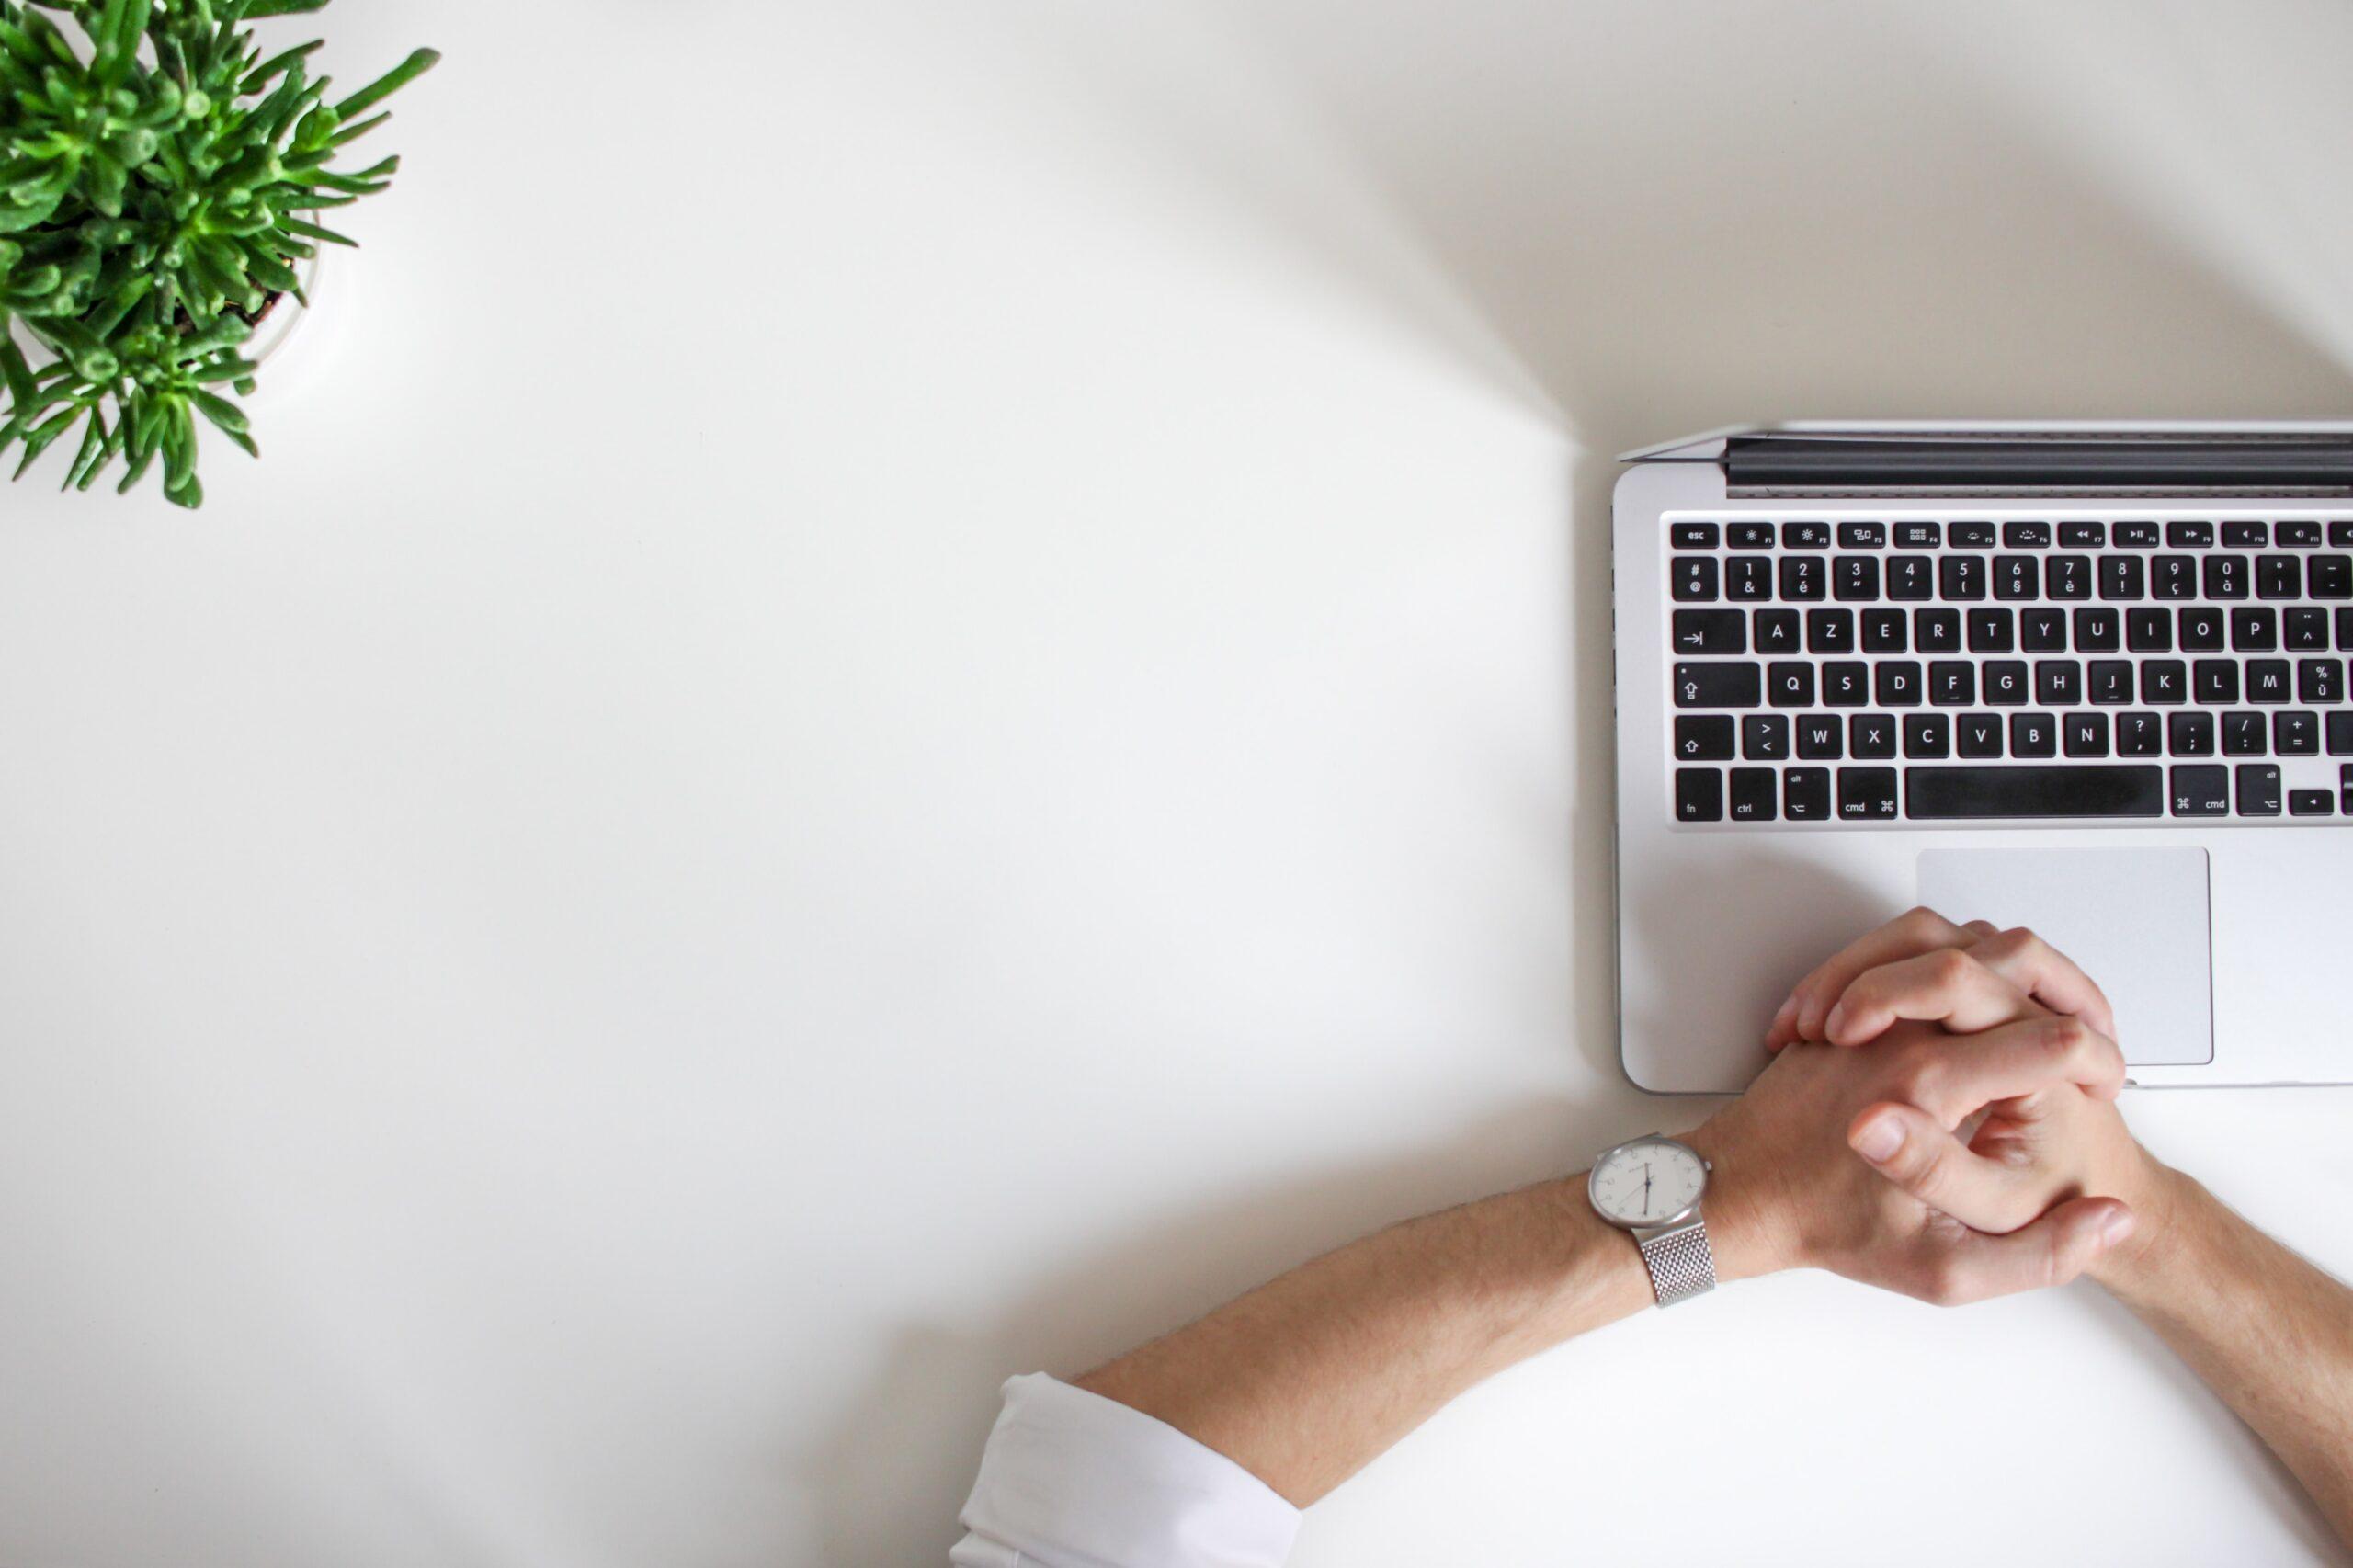 Эксперт Google рассказал, что релевантный контент важнее скорости загрузки